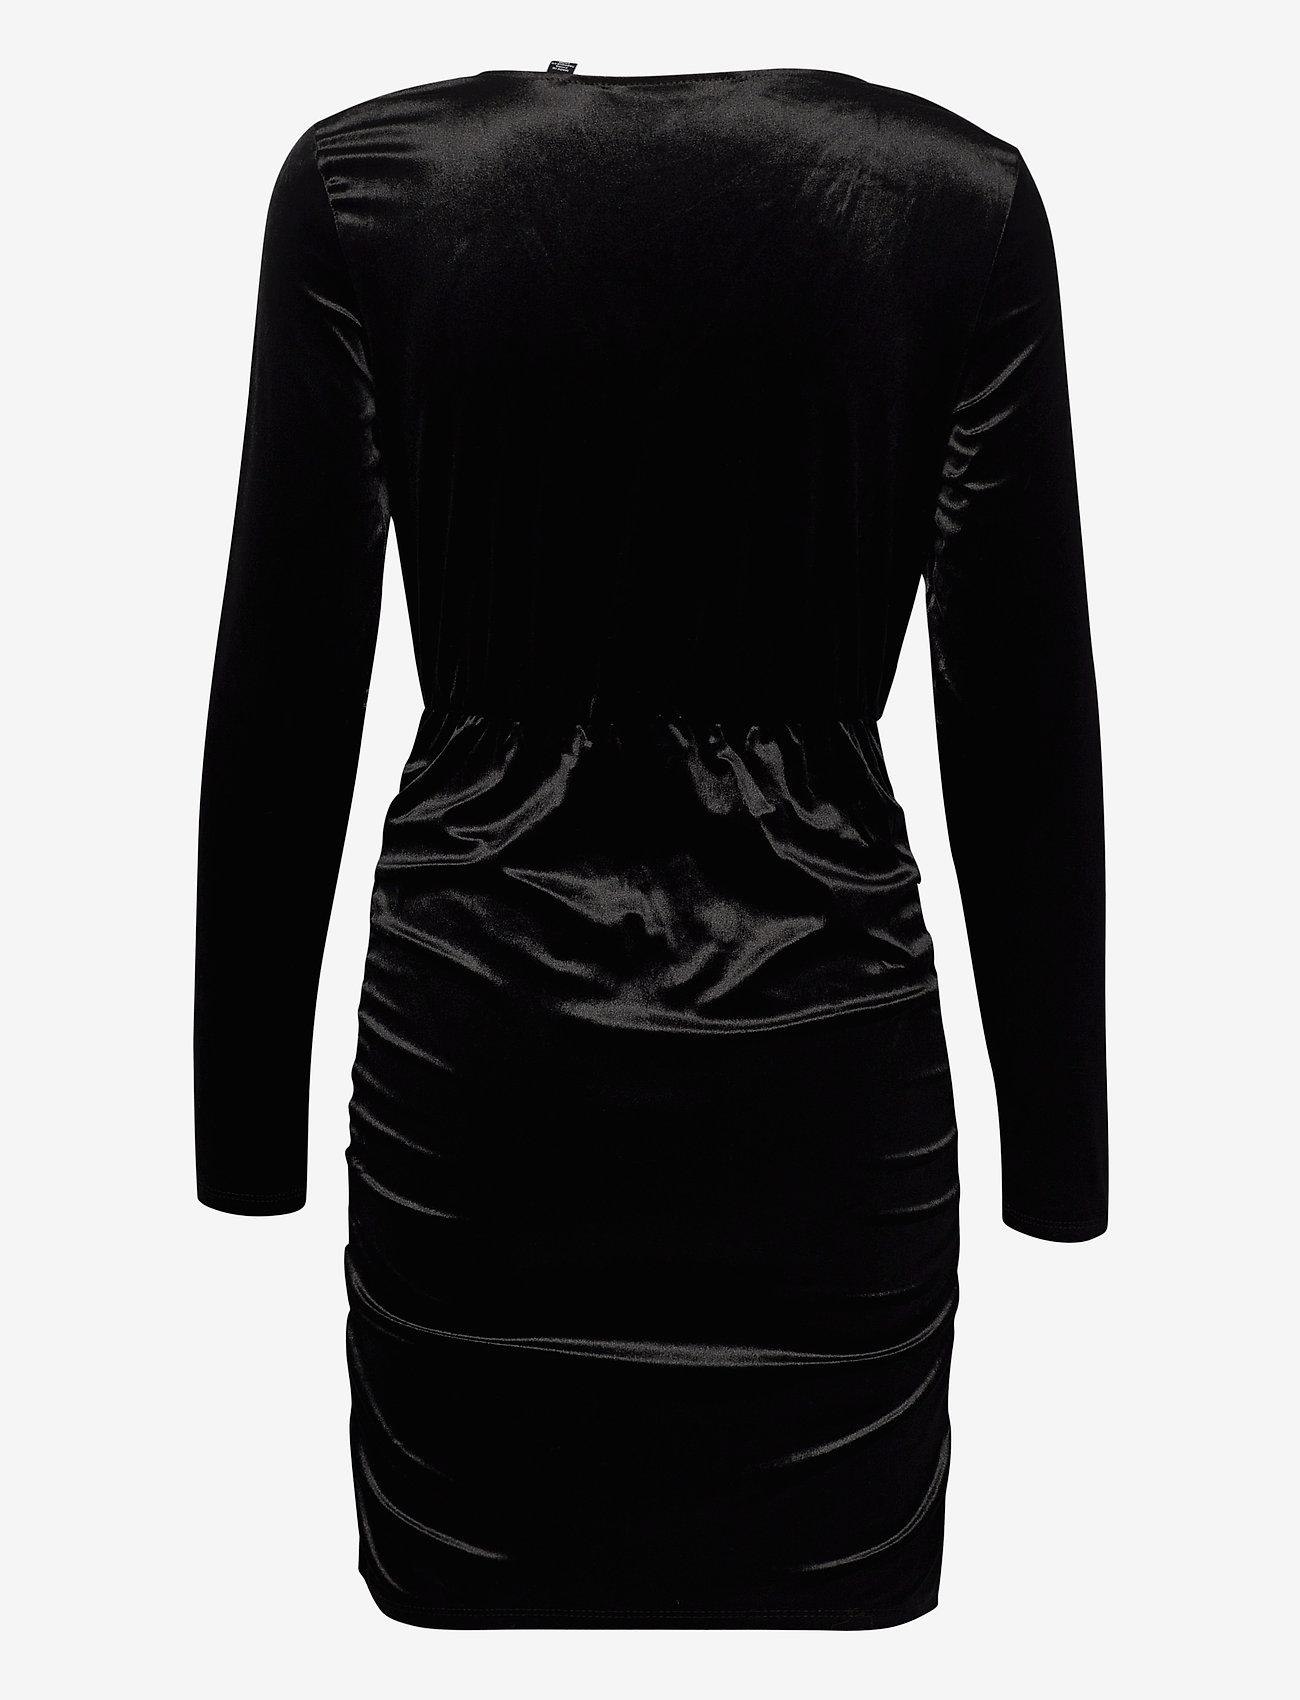 Vero Moda - VMKAITI LS DRESS JRS - fodralklänningar - black - 1